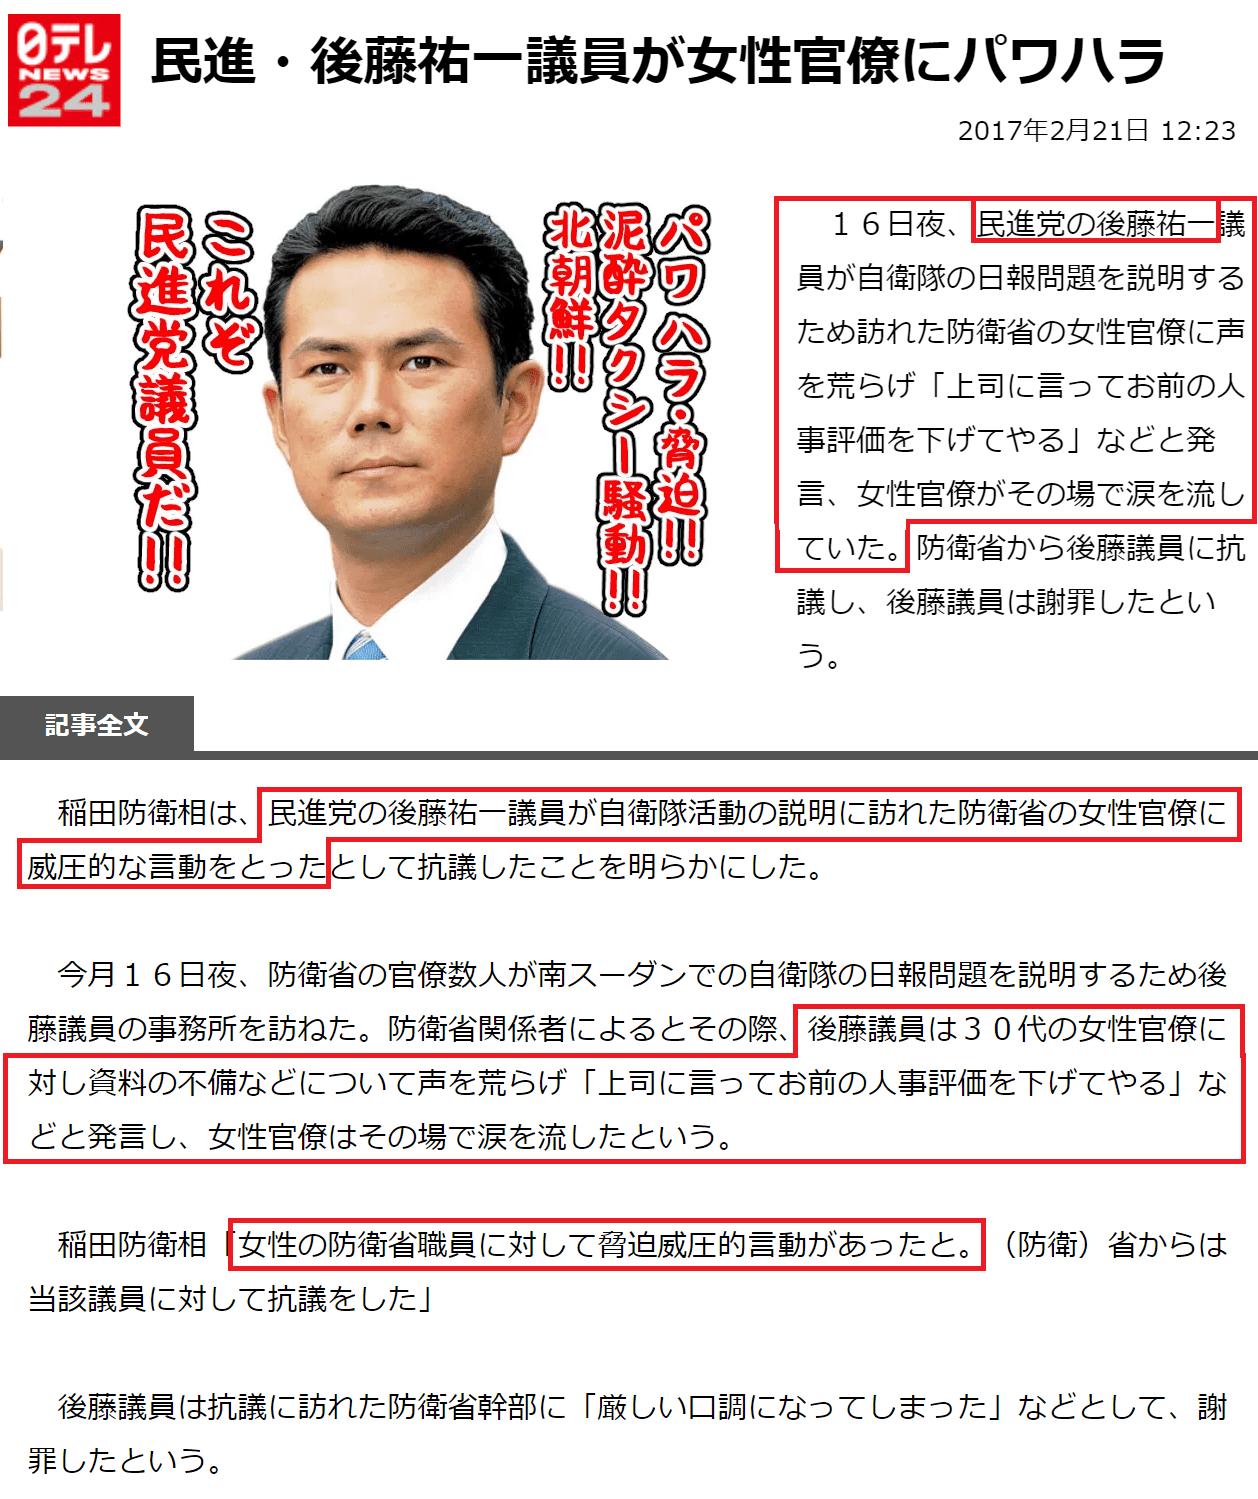 ミン死党のパワハラ銀後藤祐一